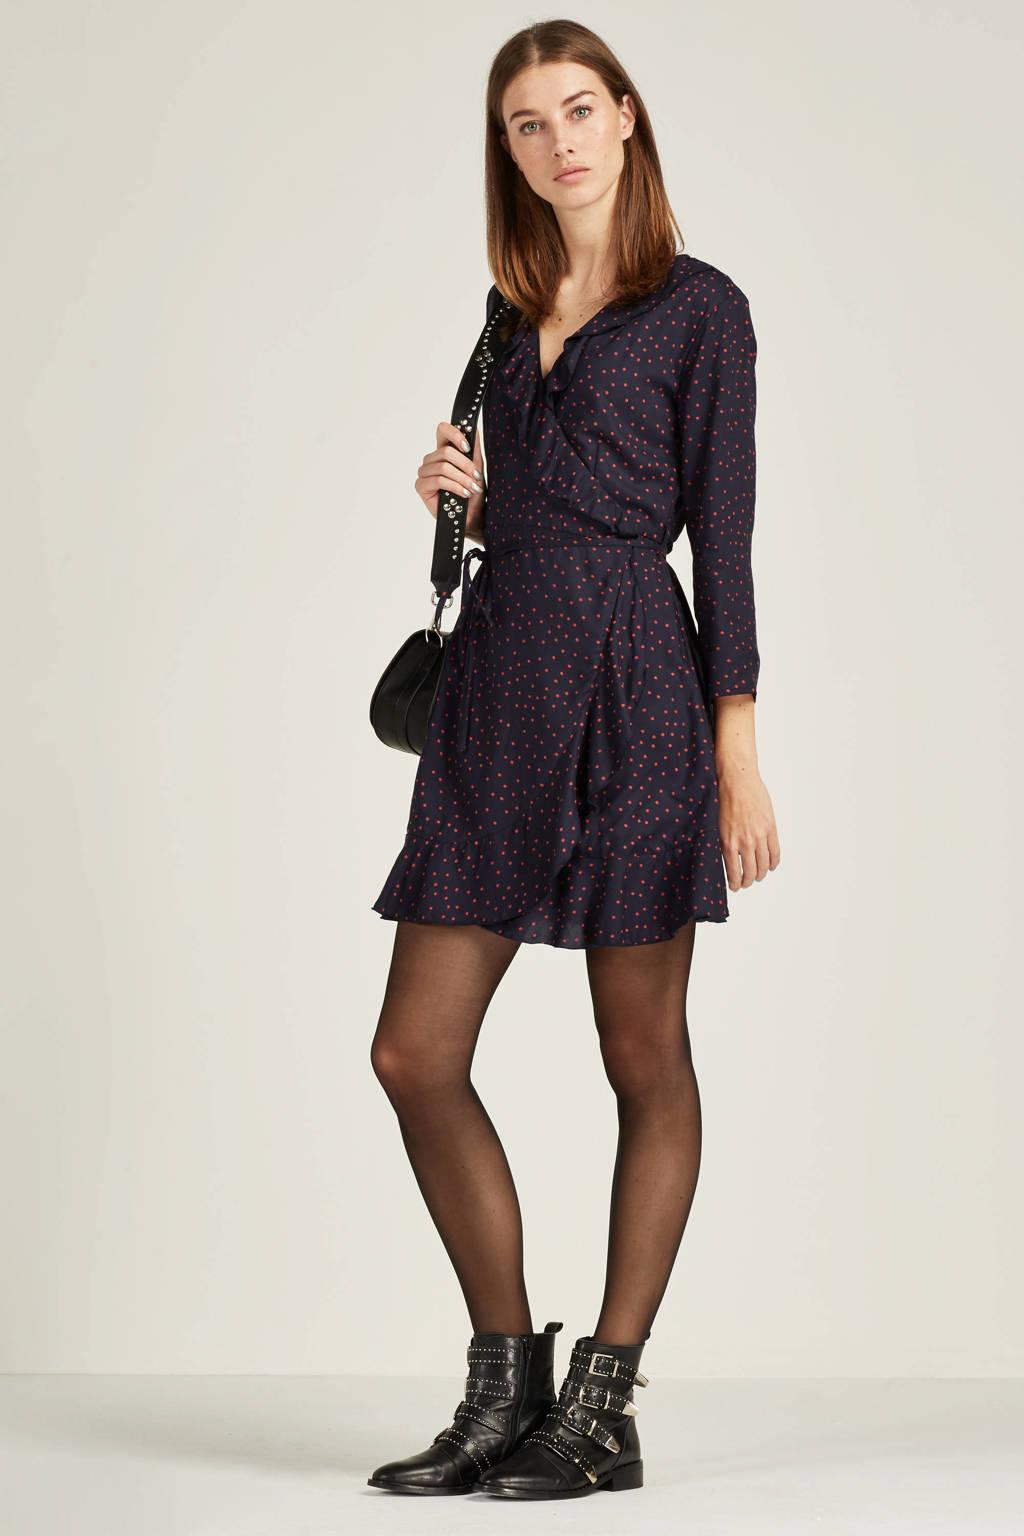 1af6139e0fb3be ONLY wikkel jurk met stippen